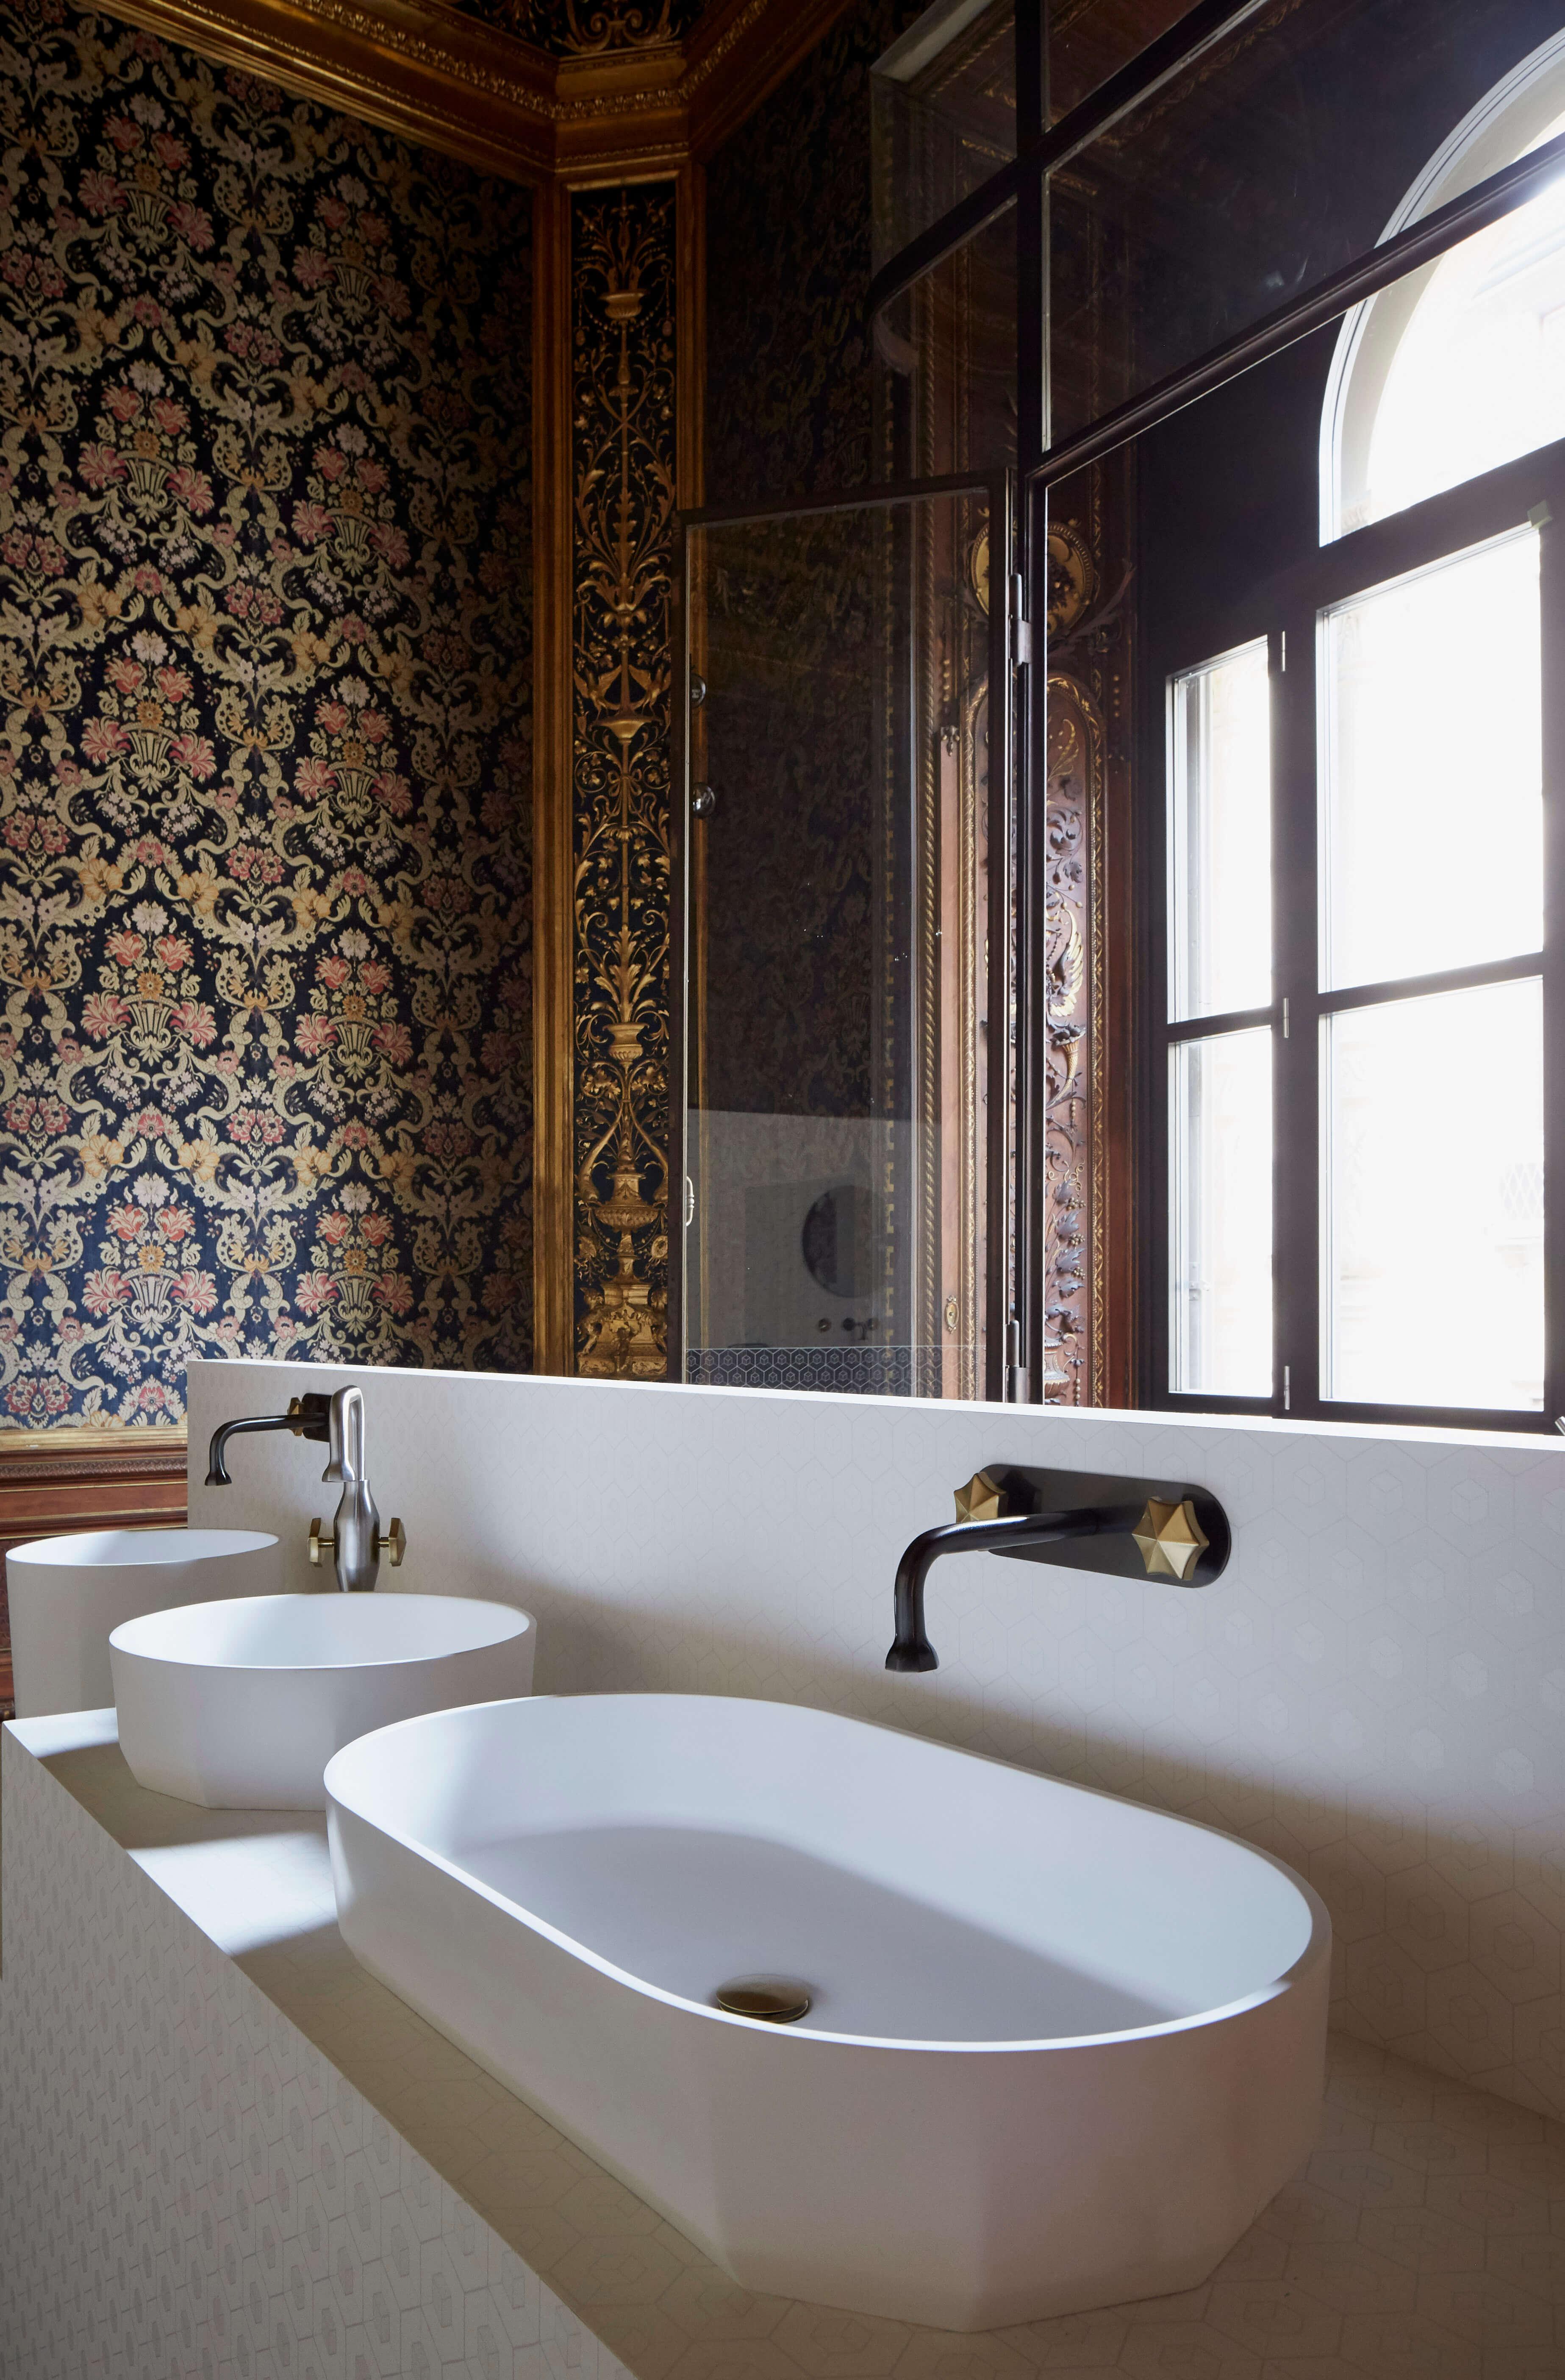 Badezimmer Zubehör Hersteller Badezimmermöbel In Vielen Designs